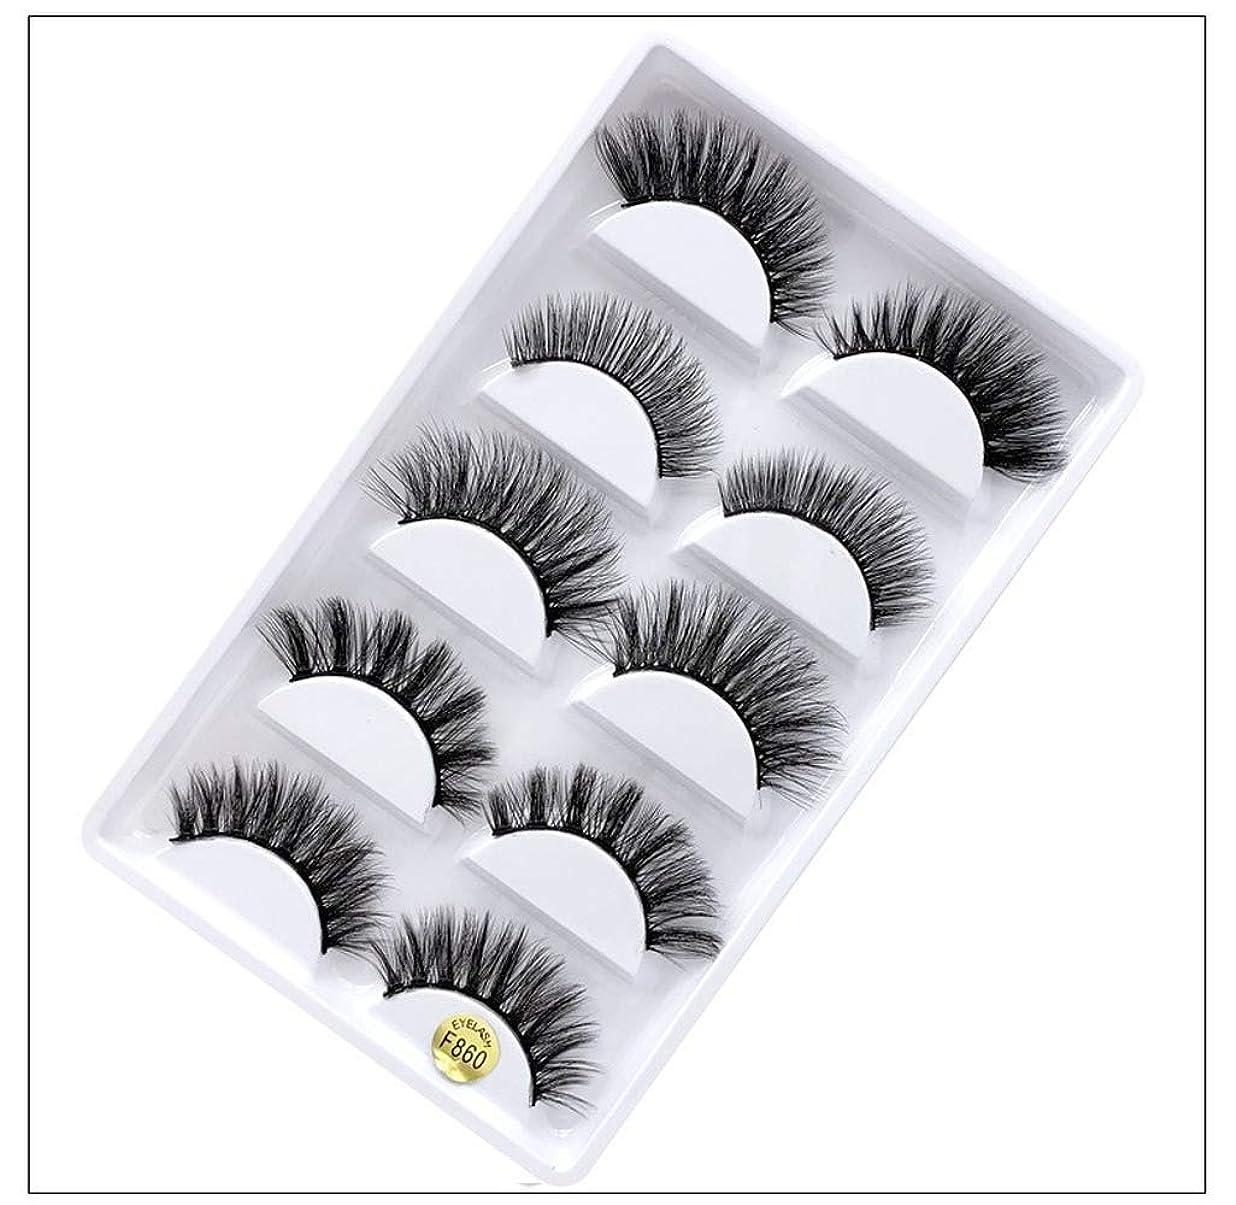 種復活する個人的に5ペアミンクアイラッシュハンドメイドまつげ厚い巻き毛ファッションまつげ3Dミンクまつげ劇的なつけまつげ (F860)